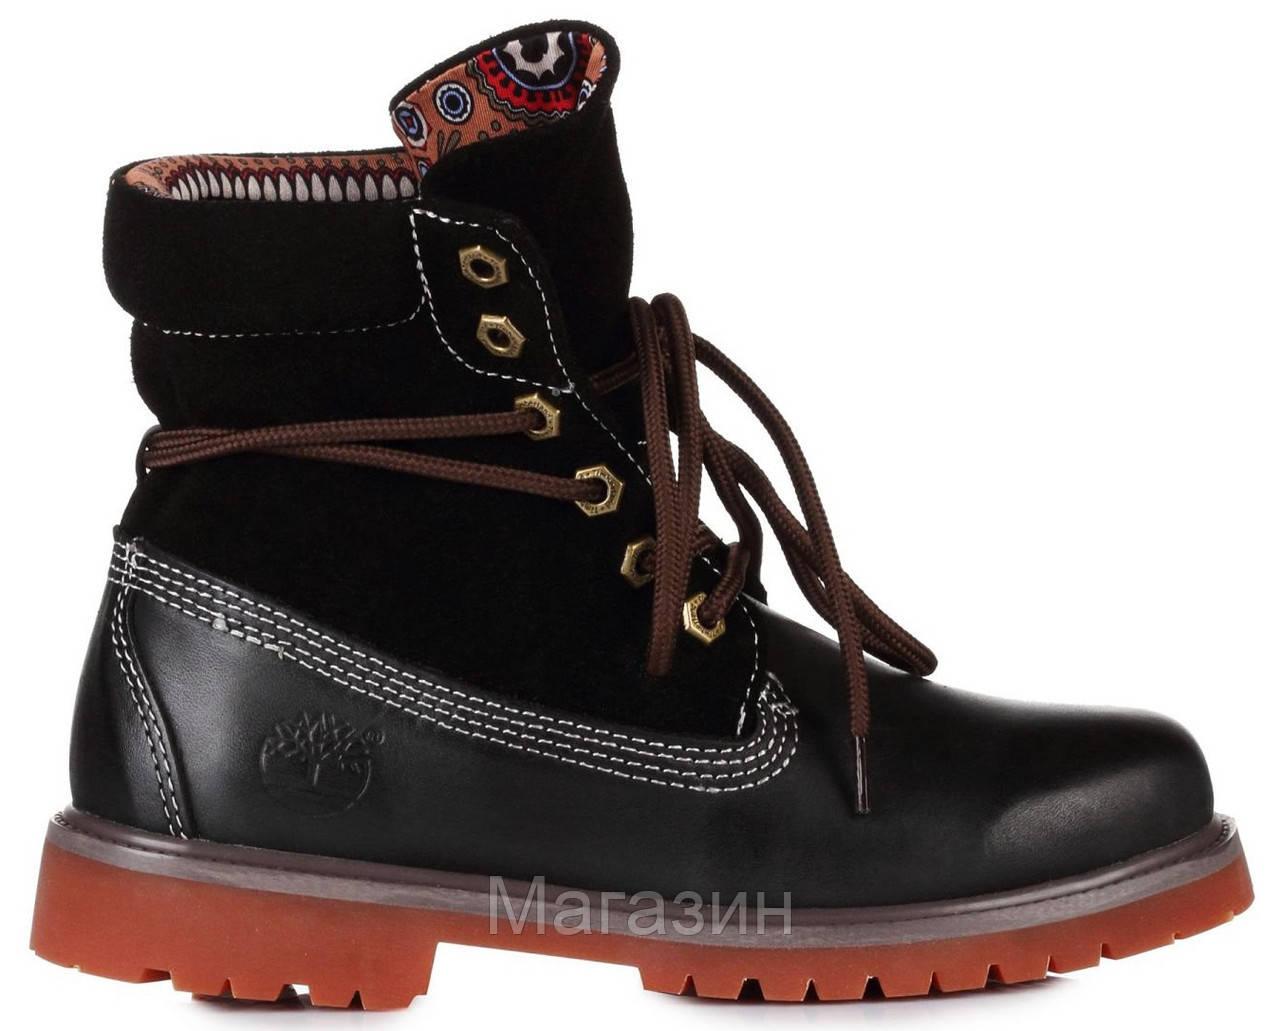 Женские ботинки Timberland Roll-Top (Тимберленд) в стиле черные